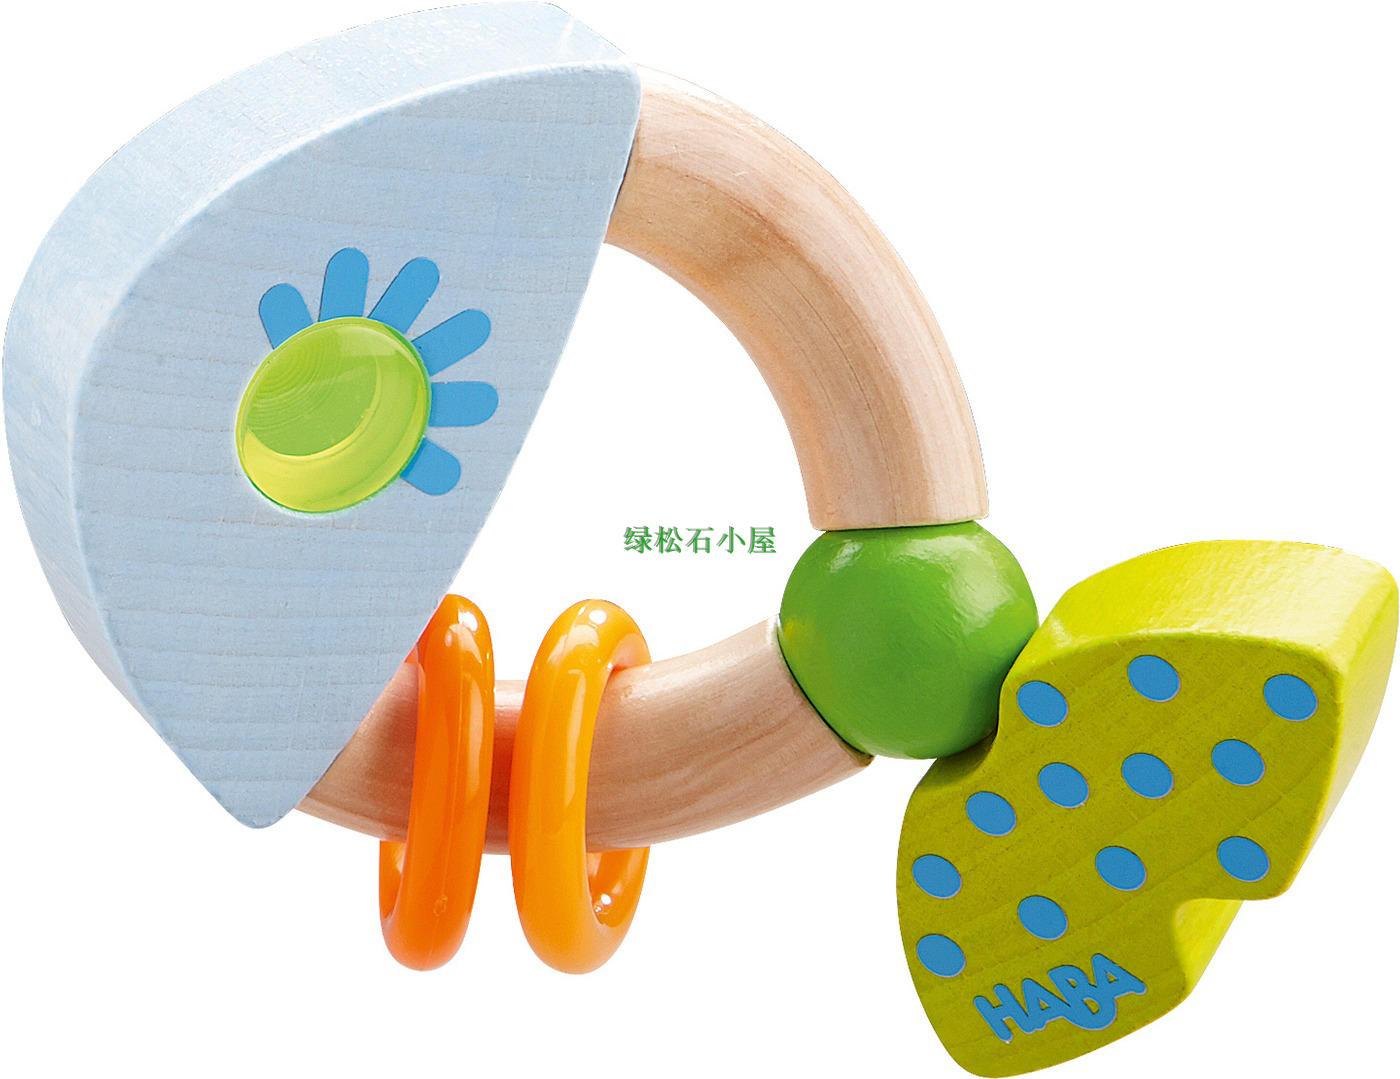 现货包邮德国哈巴haba宝宝啃咬磨牙玩具手摇铃 鱼形手拿环300497